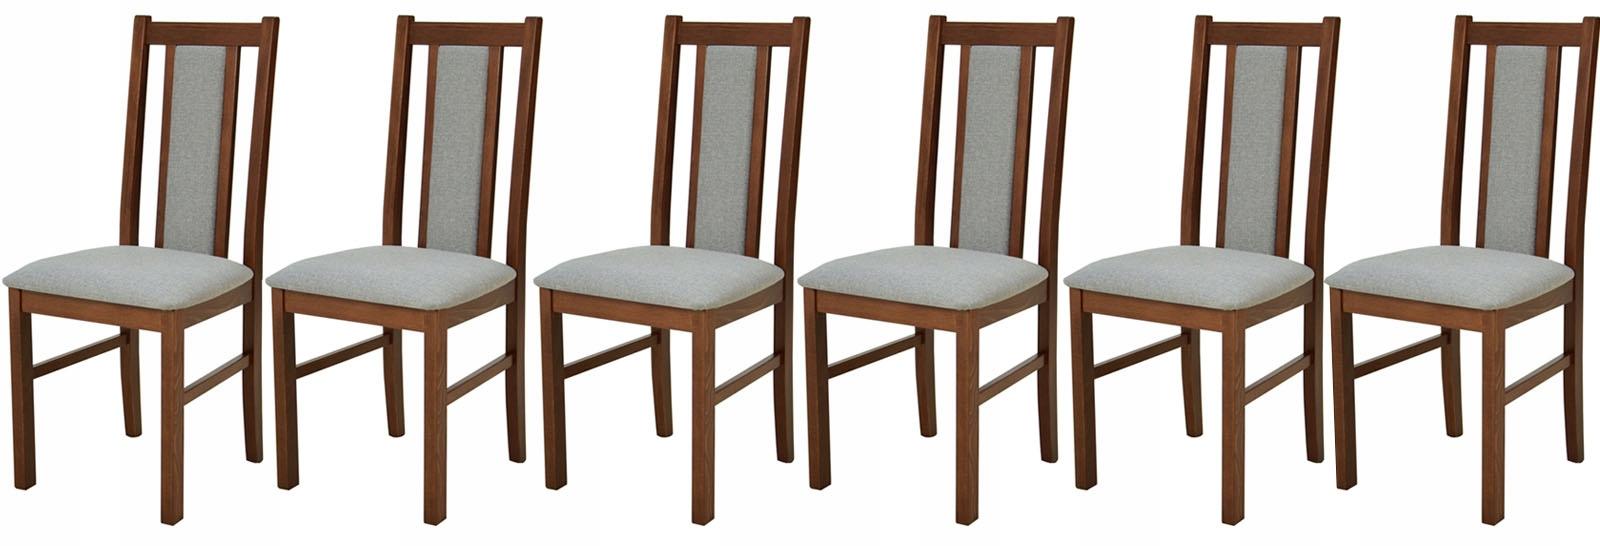 Набор стульев для гостиной.6 деревянных стульев